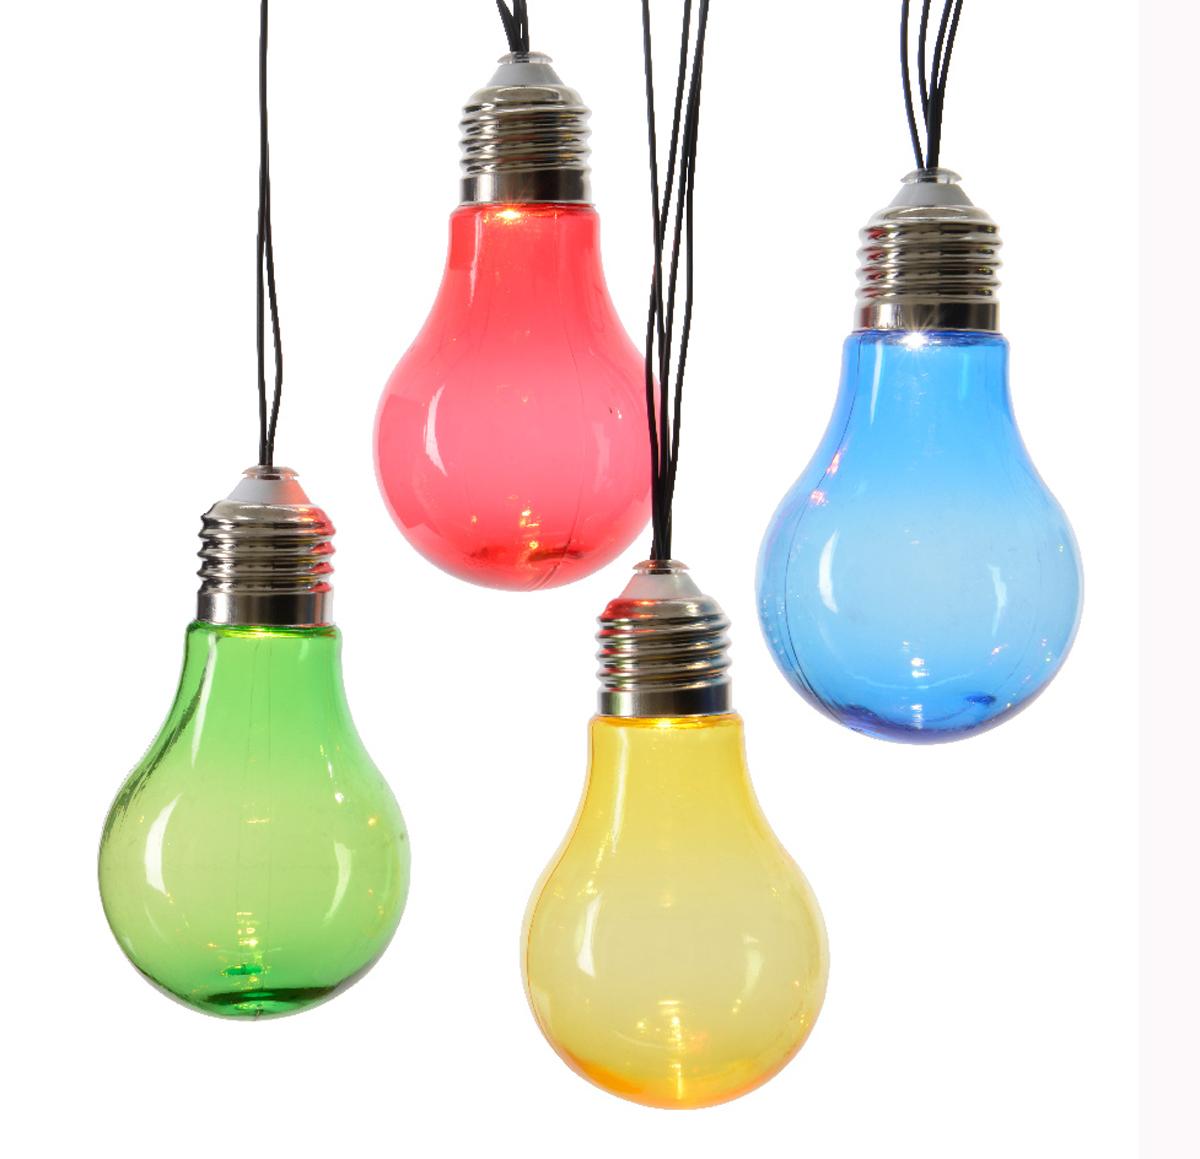 LED Deko-Lichterkette RGB SOLAR Tropfen Lampe bunt Terrassen Strahler Leuchte